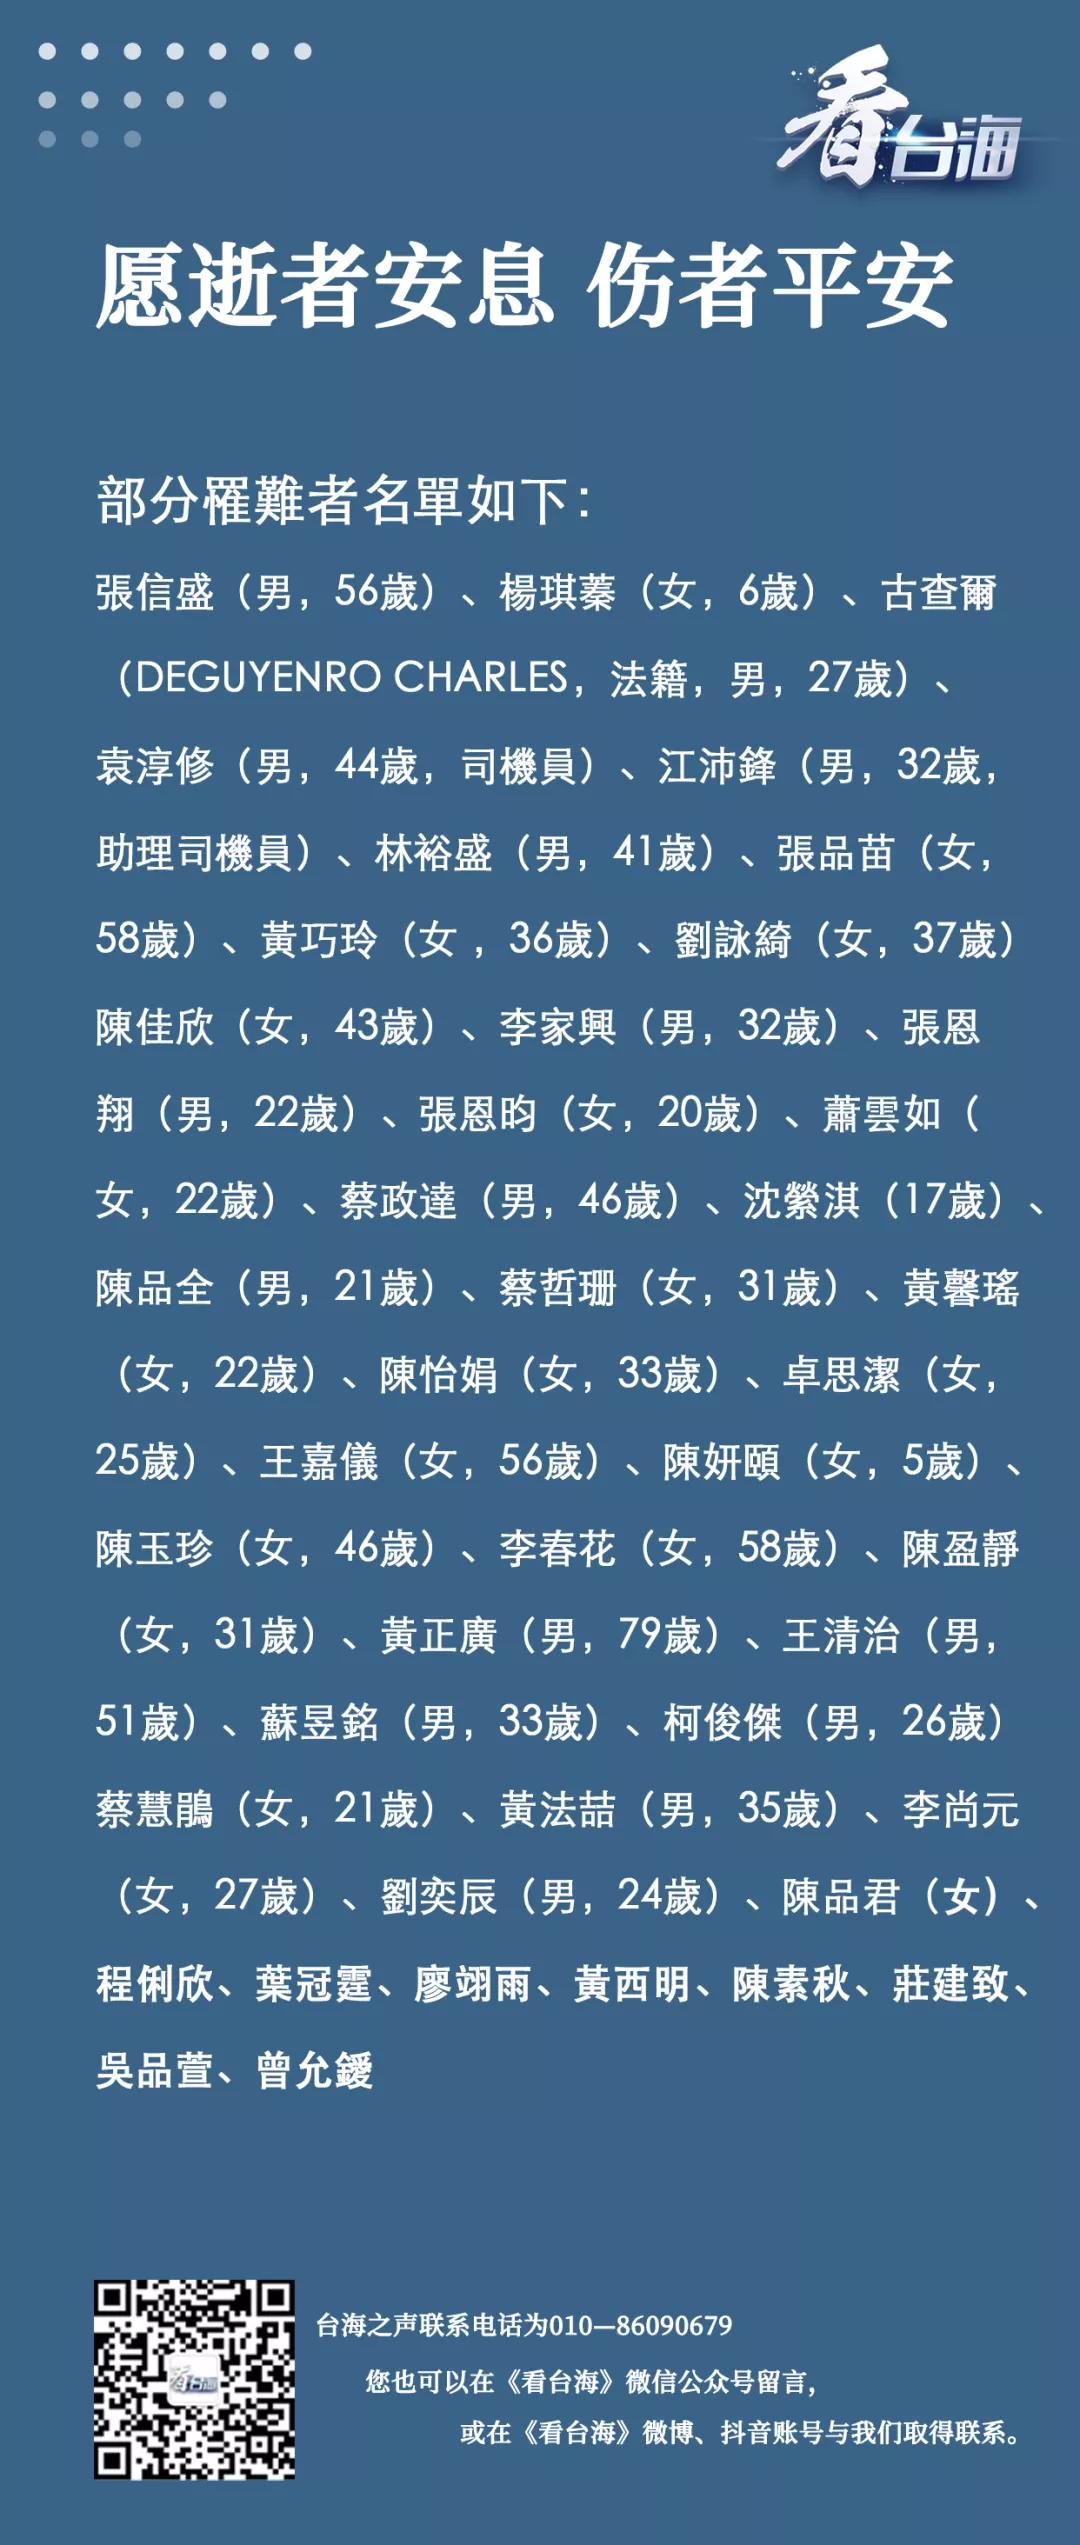 台湾部分铁路事故遇难者名单公布